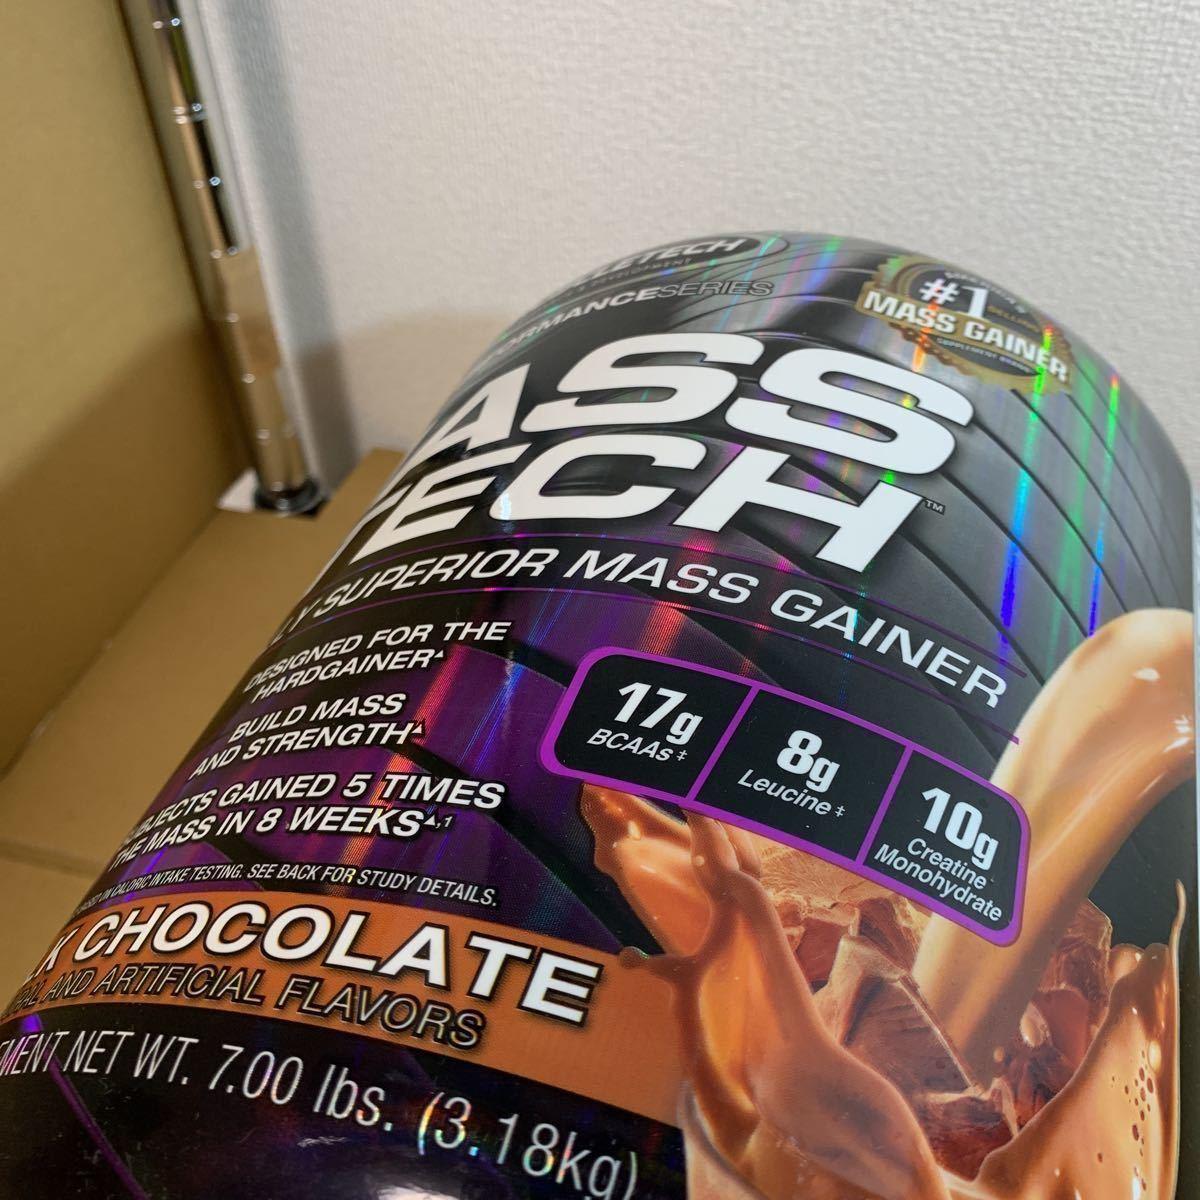 新品 送料込み MUSCLE TECH MASS TECH マッスルテック マステック 3.18kg ミルクチョコレート プロテイン マスゲイナー_画像3